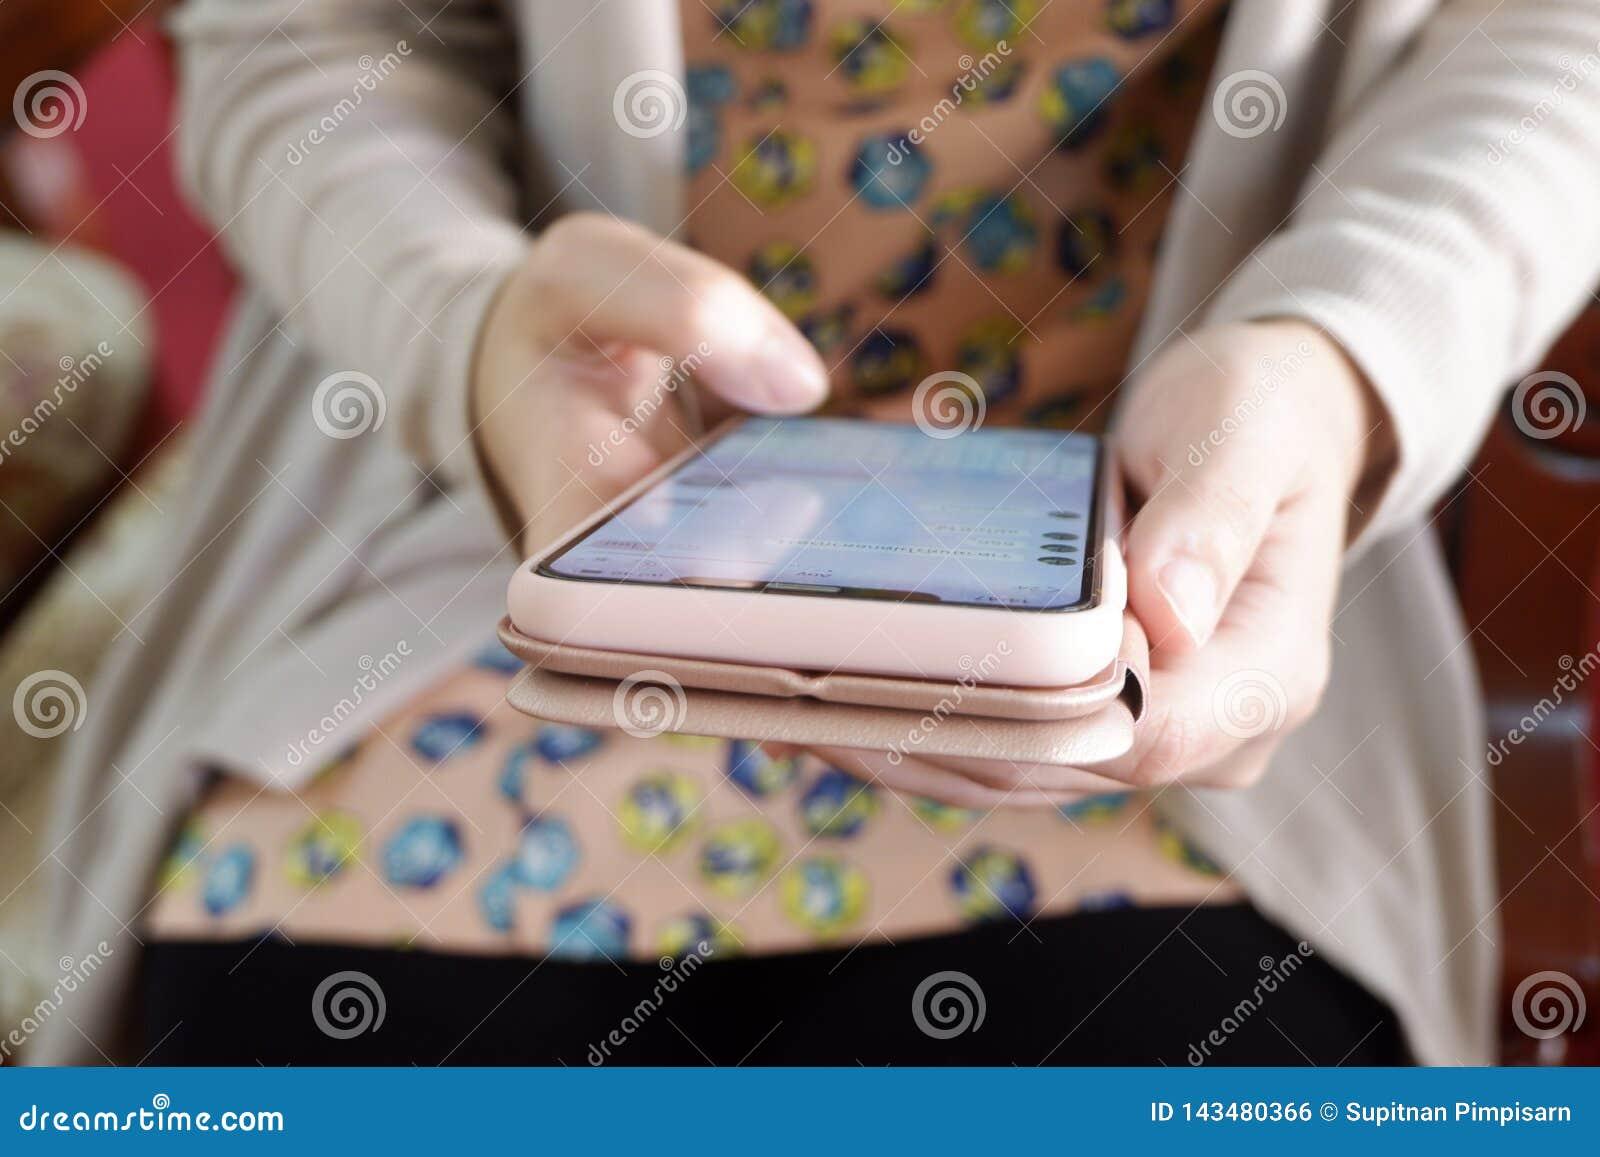 Χέρια γυναικών που κρατούν το κινητό τηλέφωνο, επικοινωνία μηνύματος